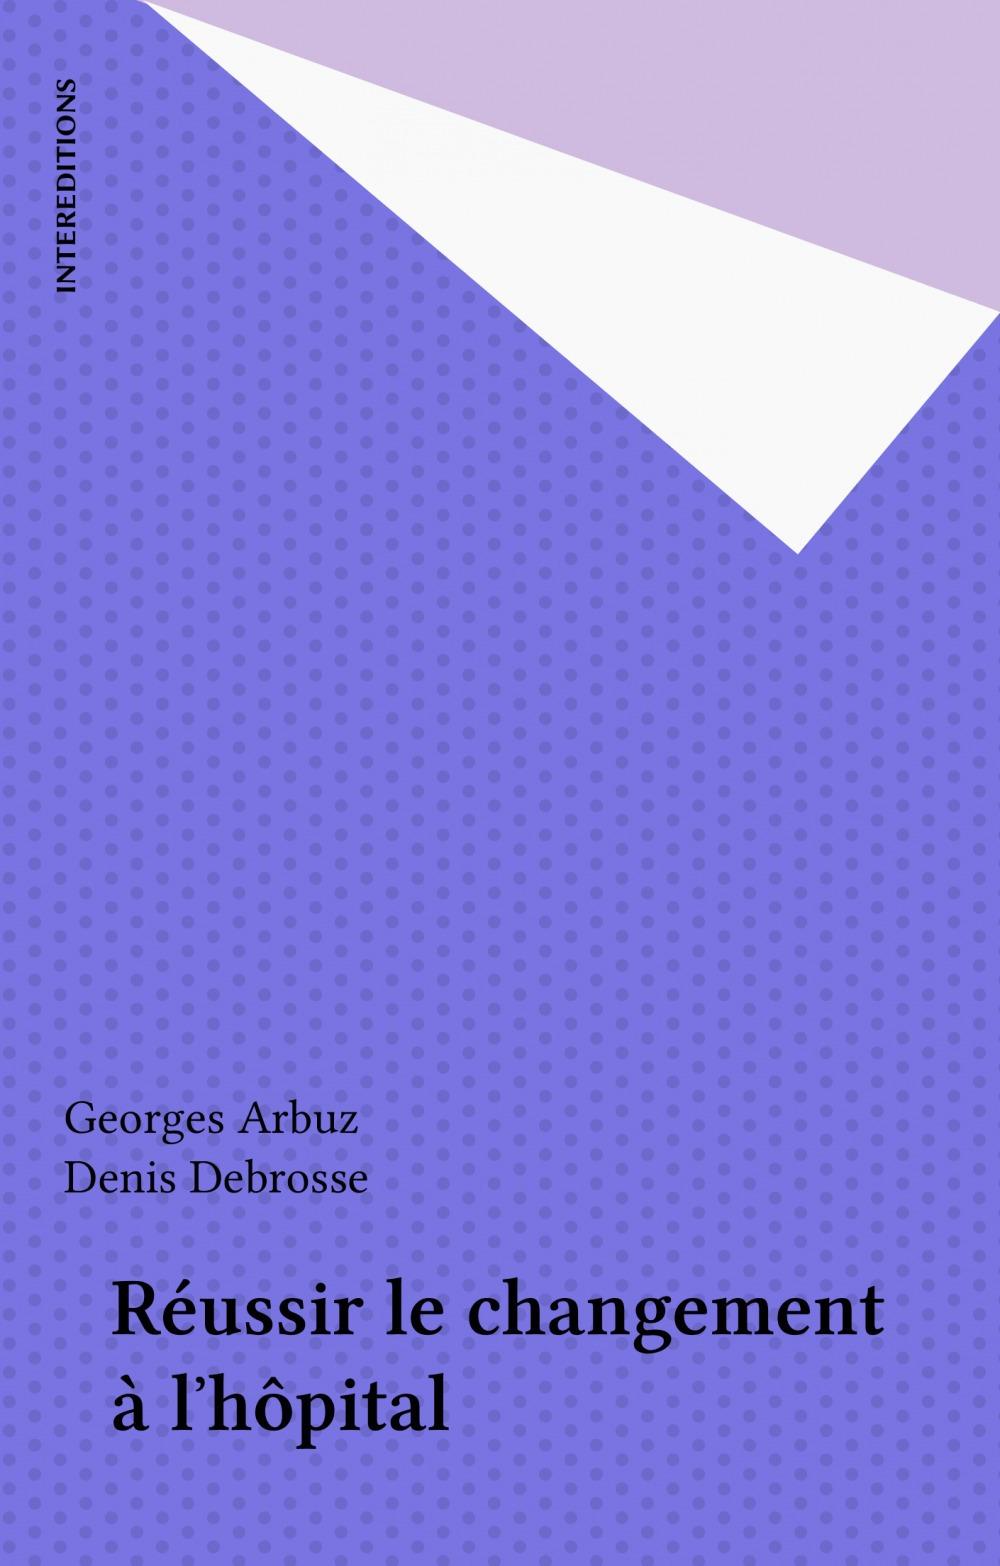 Georges Arbuz Réussir le changement à l'hôpital